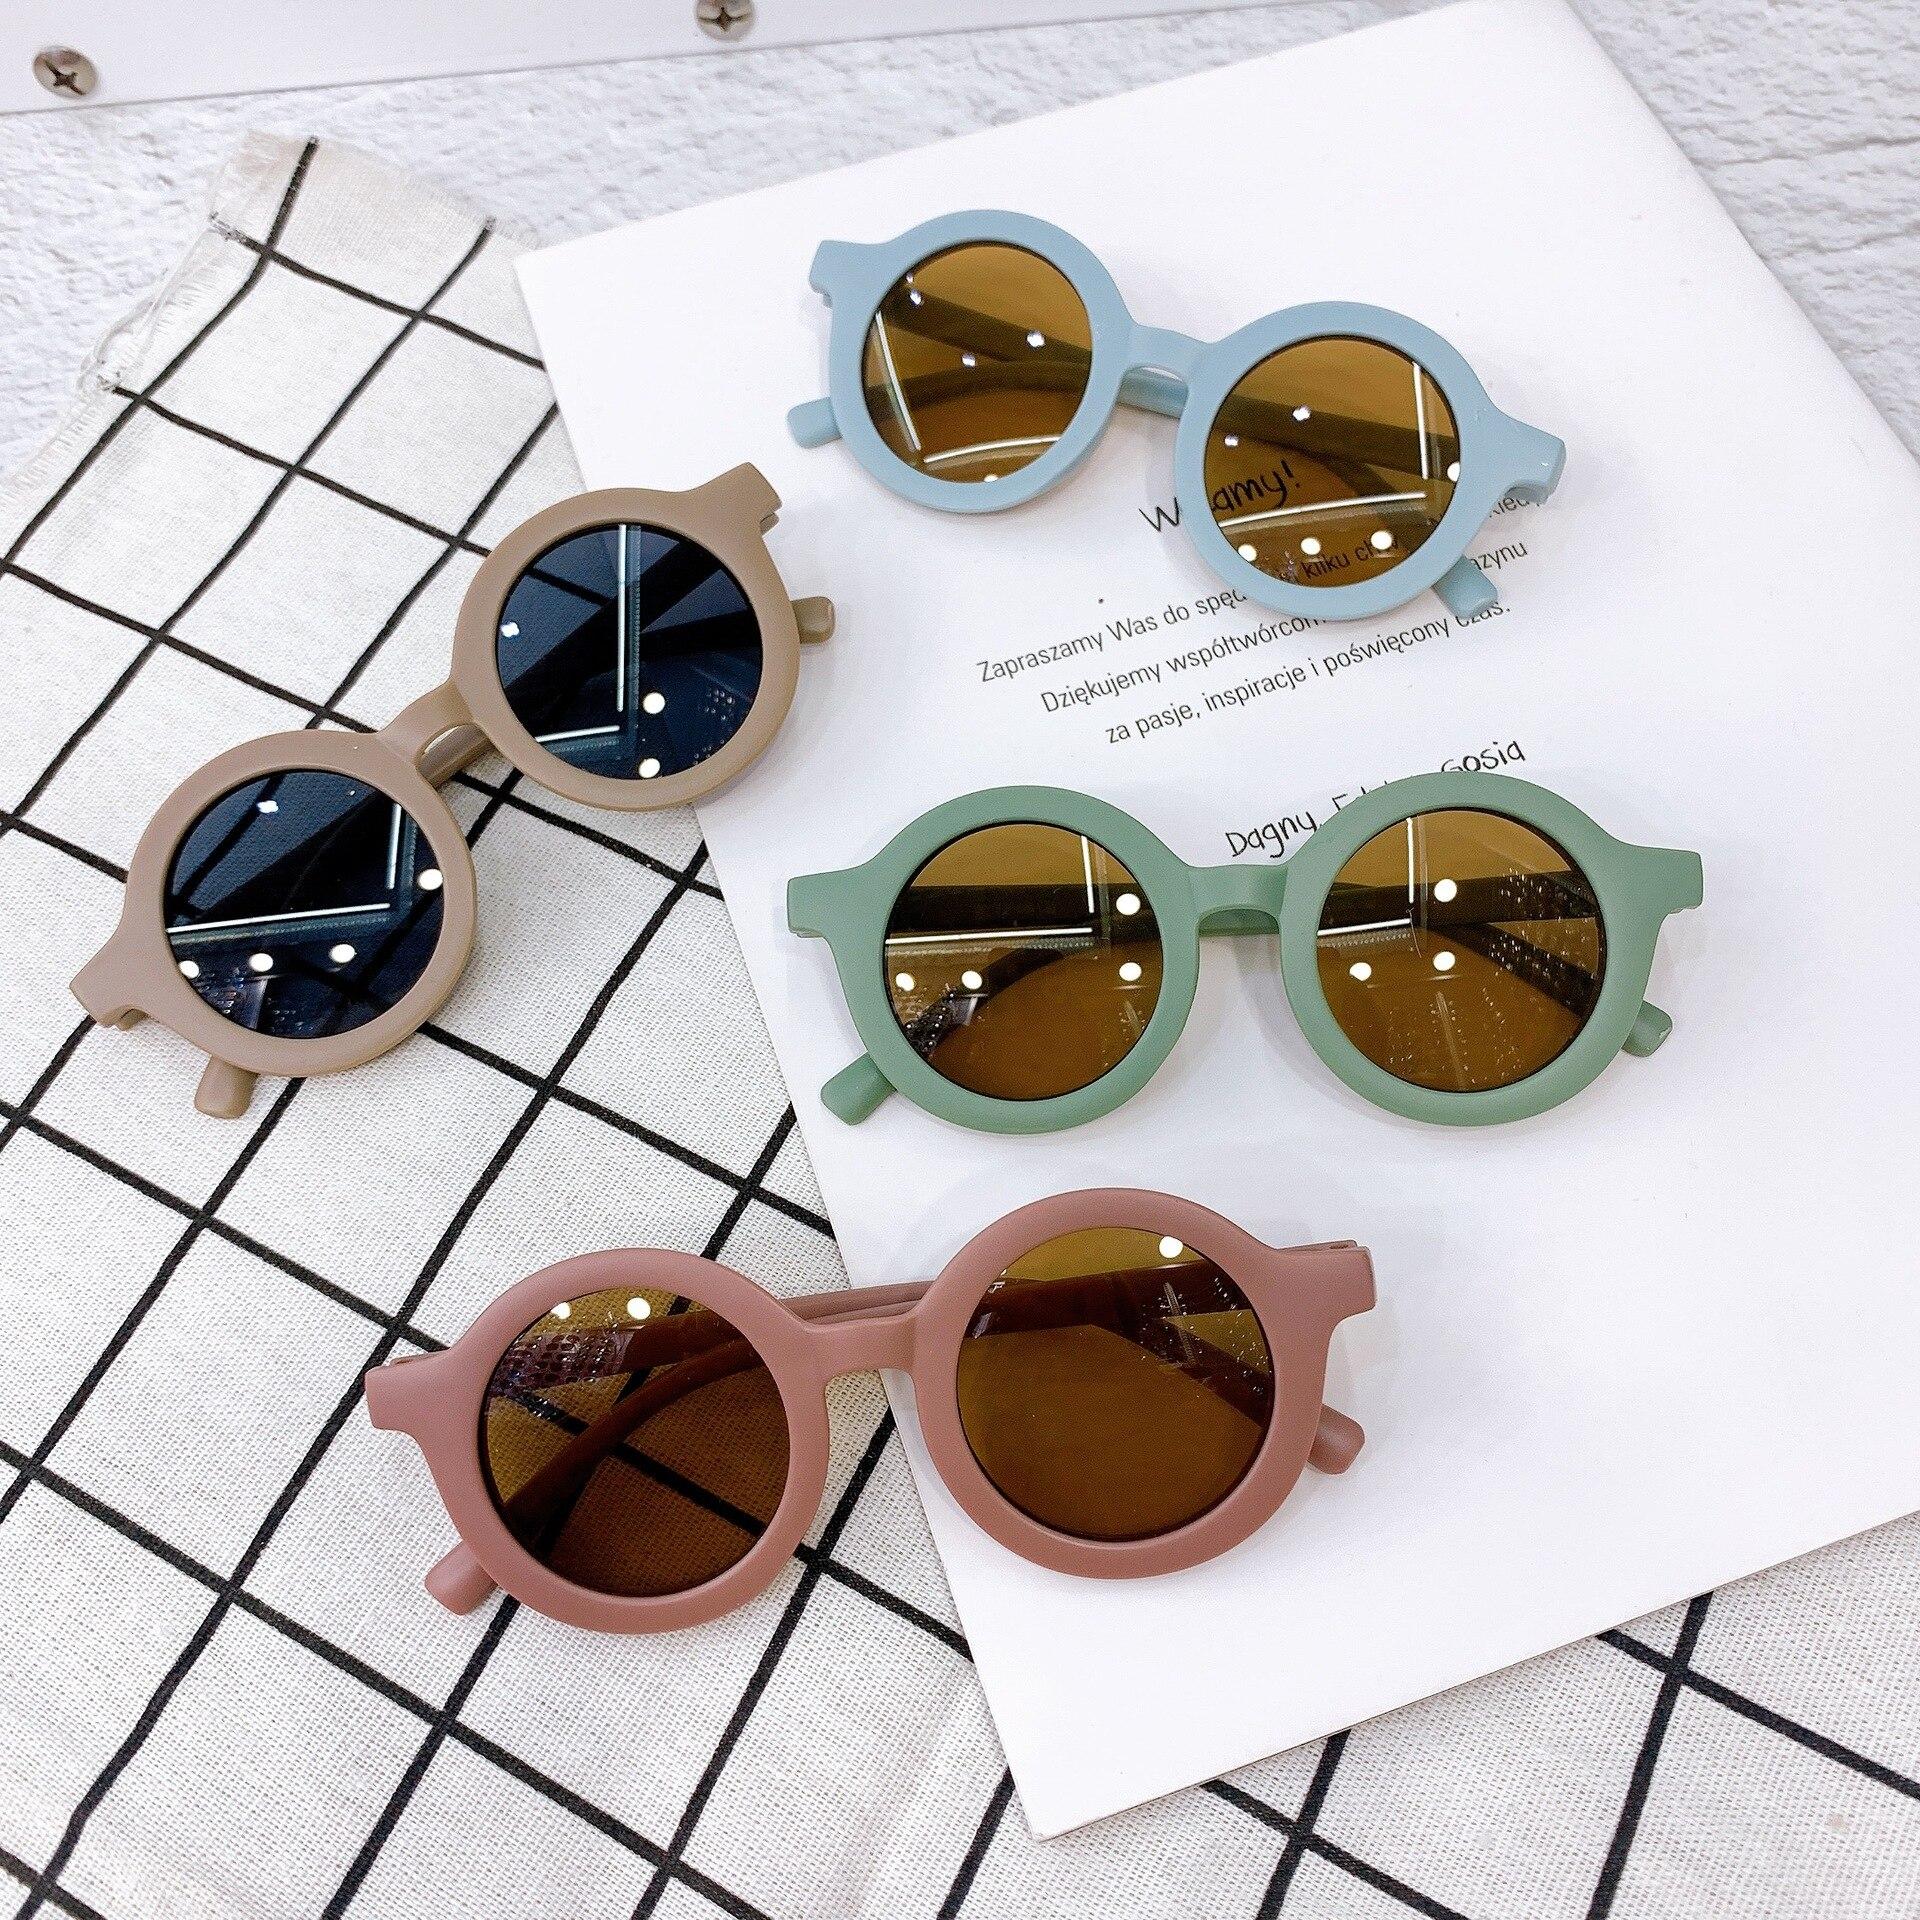 Детские милые детские матовые очки с украшением для детей старшего возраста модные детские очки женские оптовая продажа оптом